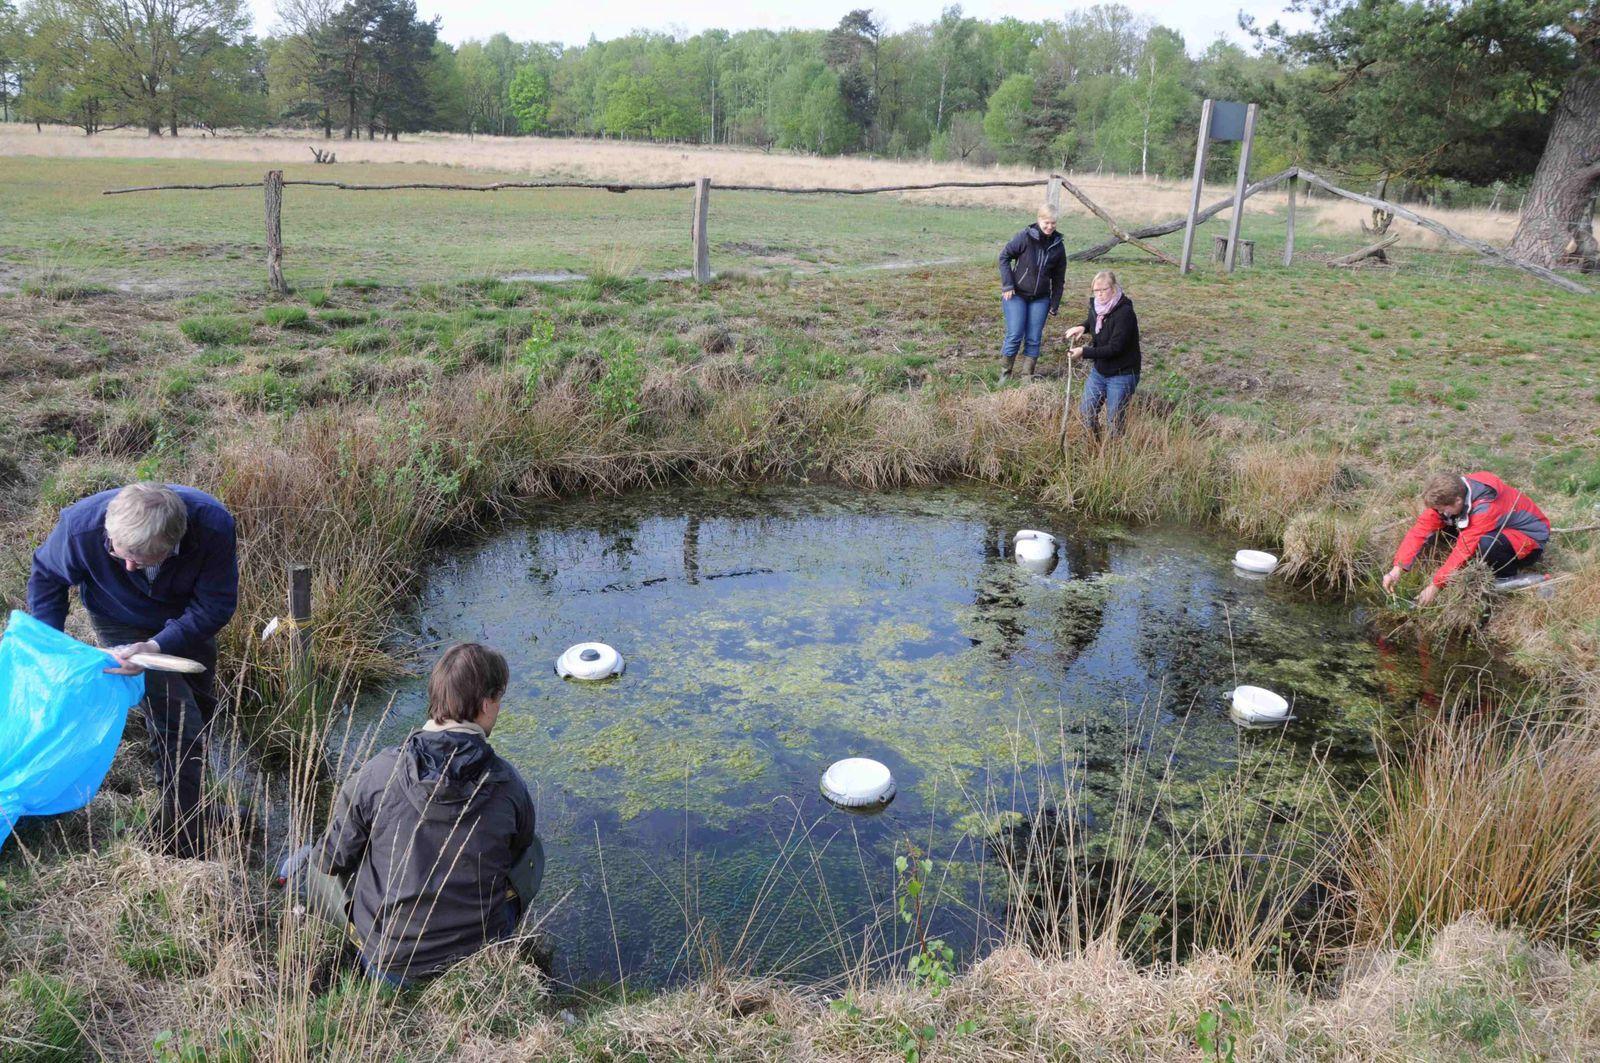 Démonstration de l'utilisation de nasses pour le suivi des urodèles à Recke (Allemagne) - mai 2012